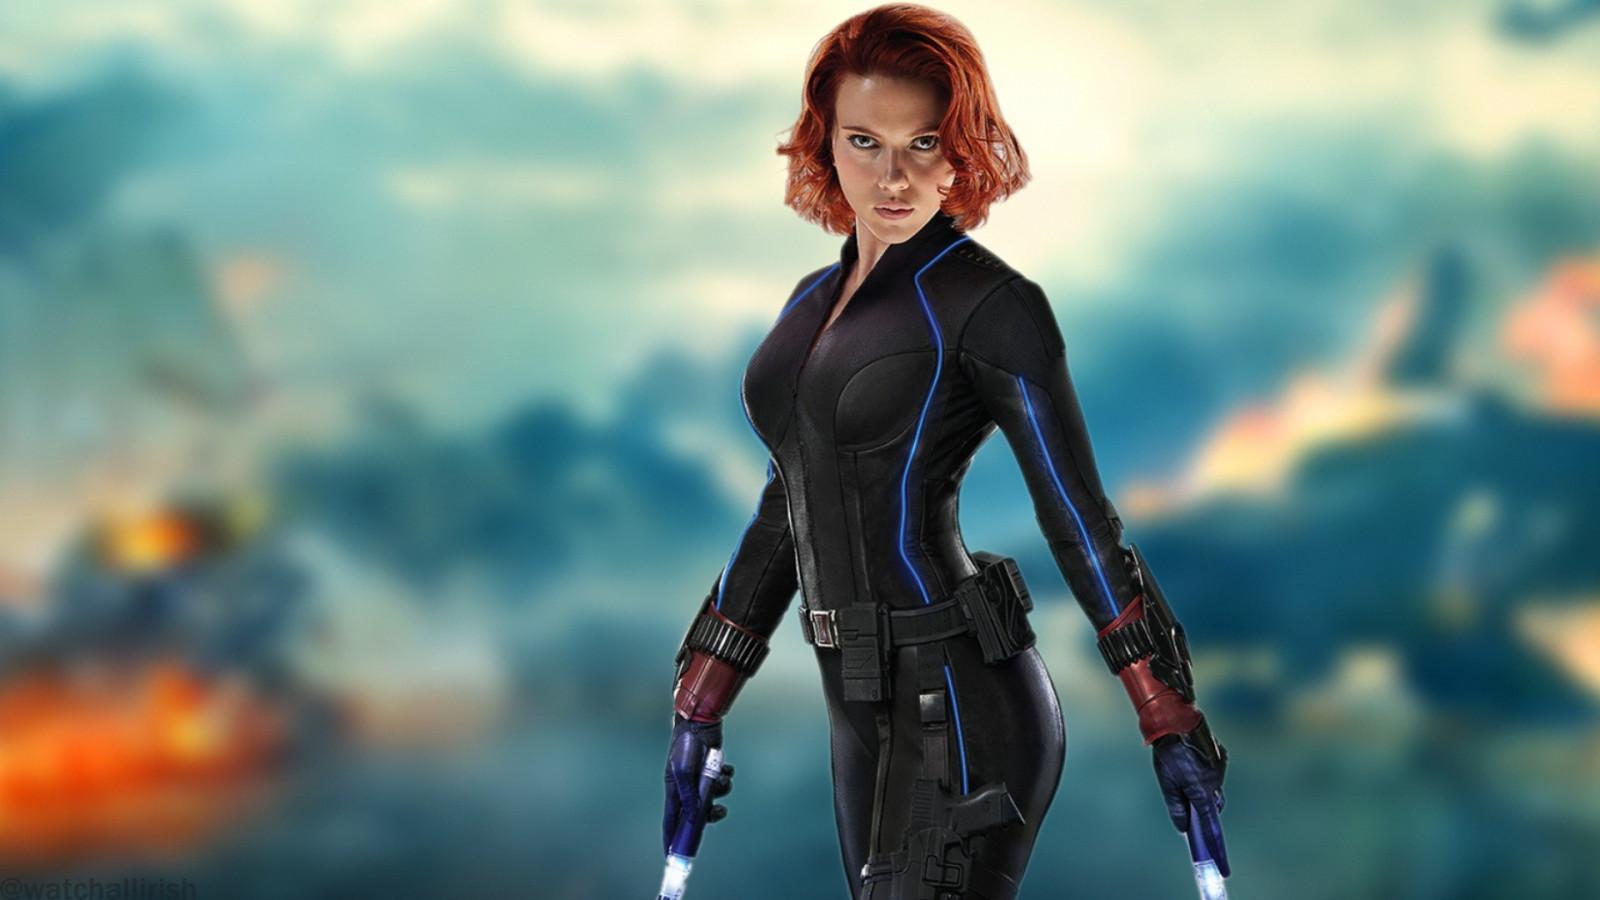 Wallpaper Women Redhead Photography Blue The Avengers Scarlett Johansson Black Widow Age Of Ultron Screenshot Computer